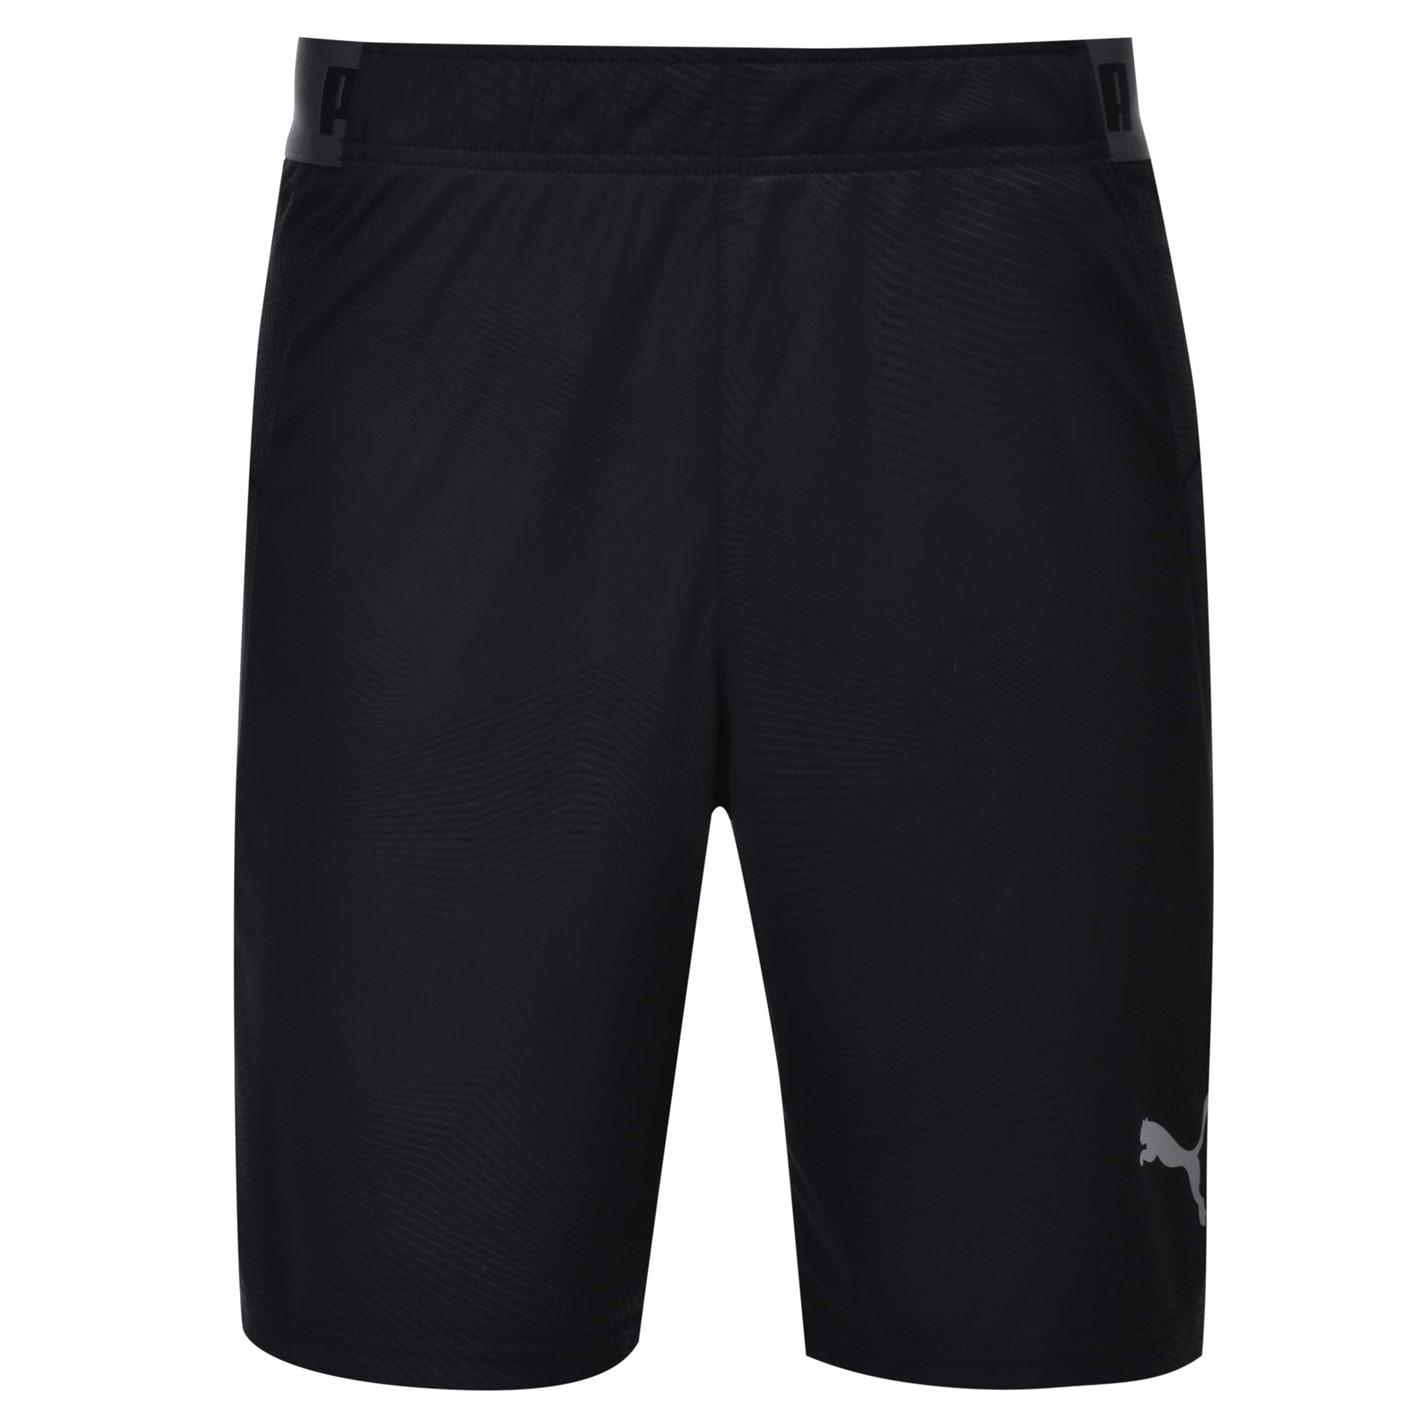 Puma ftblNXT Graphic Men's Shorts